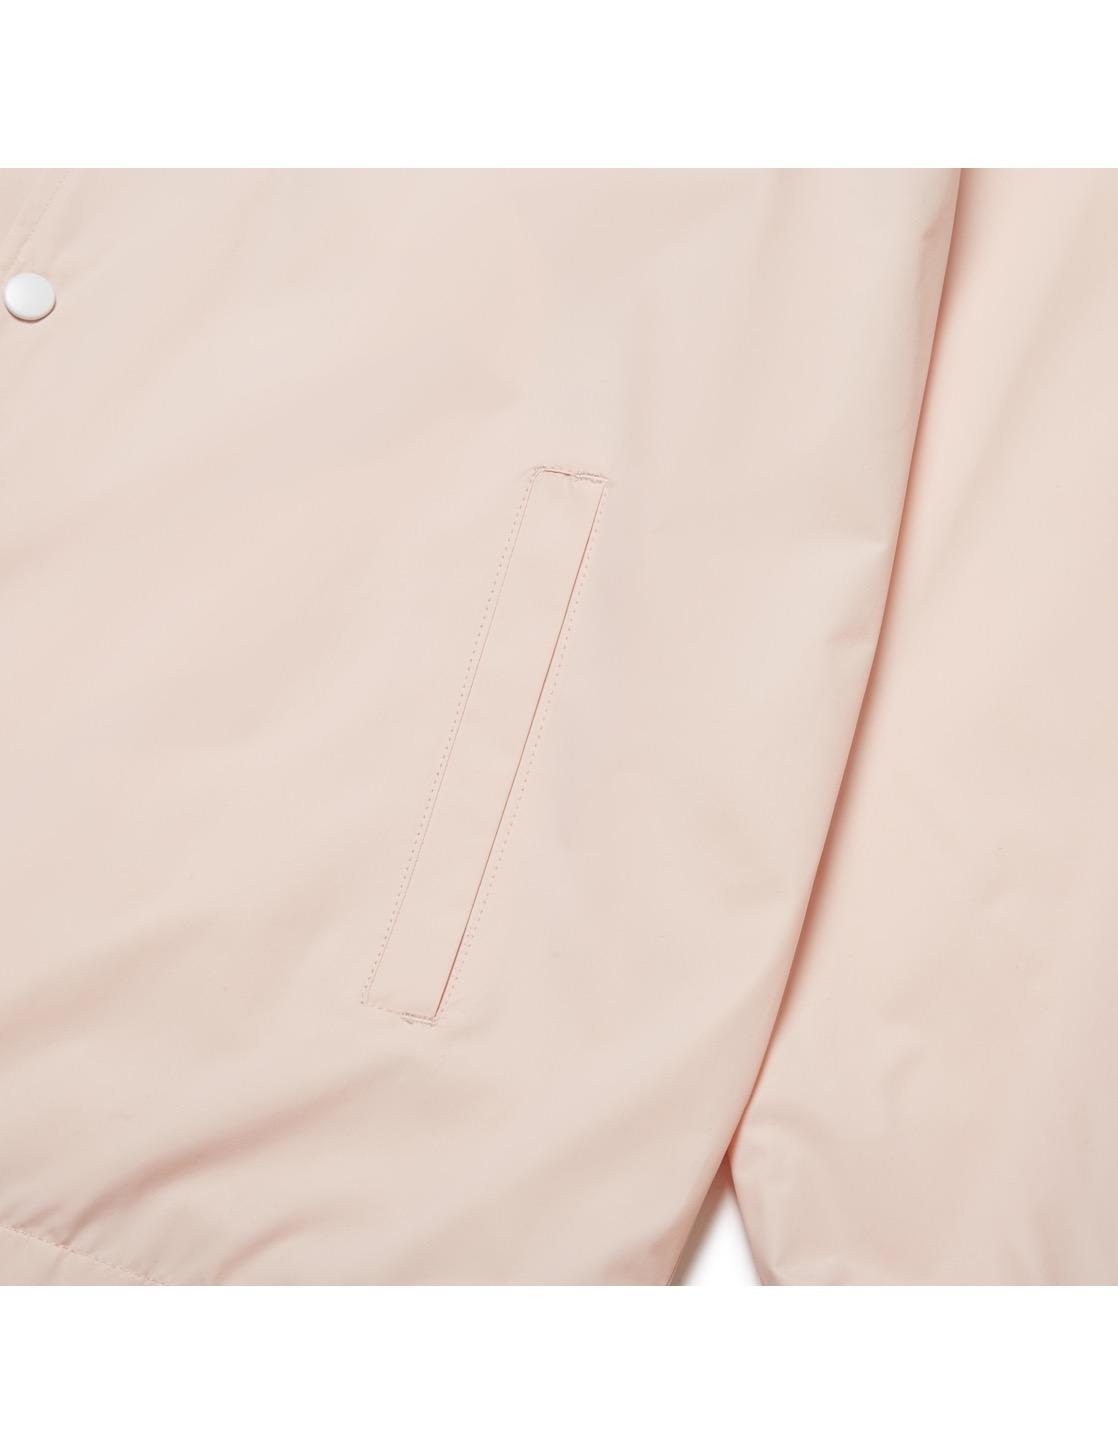 ZNY BASIC Jacket